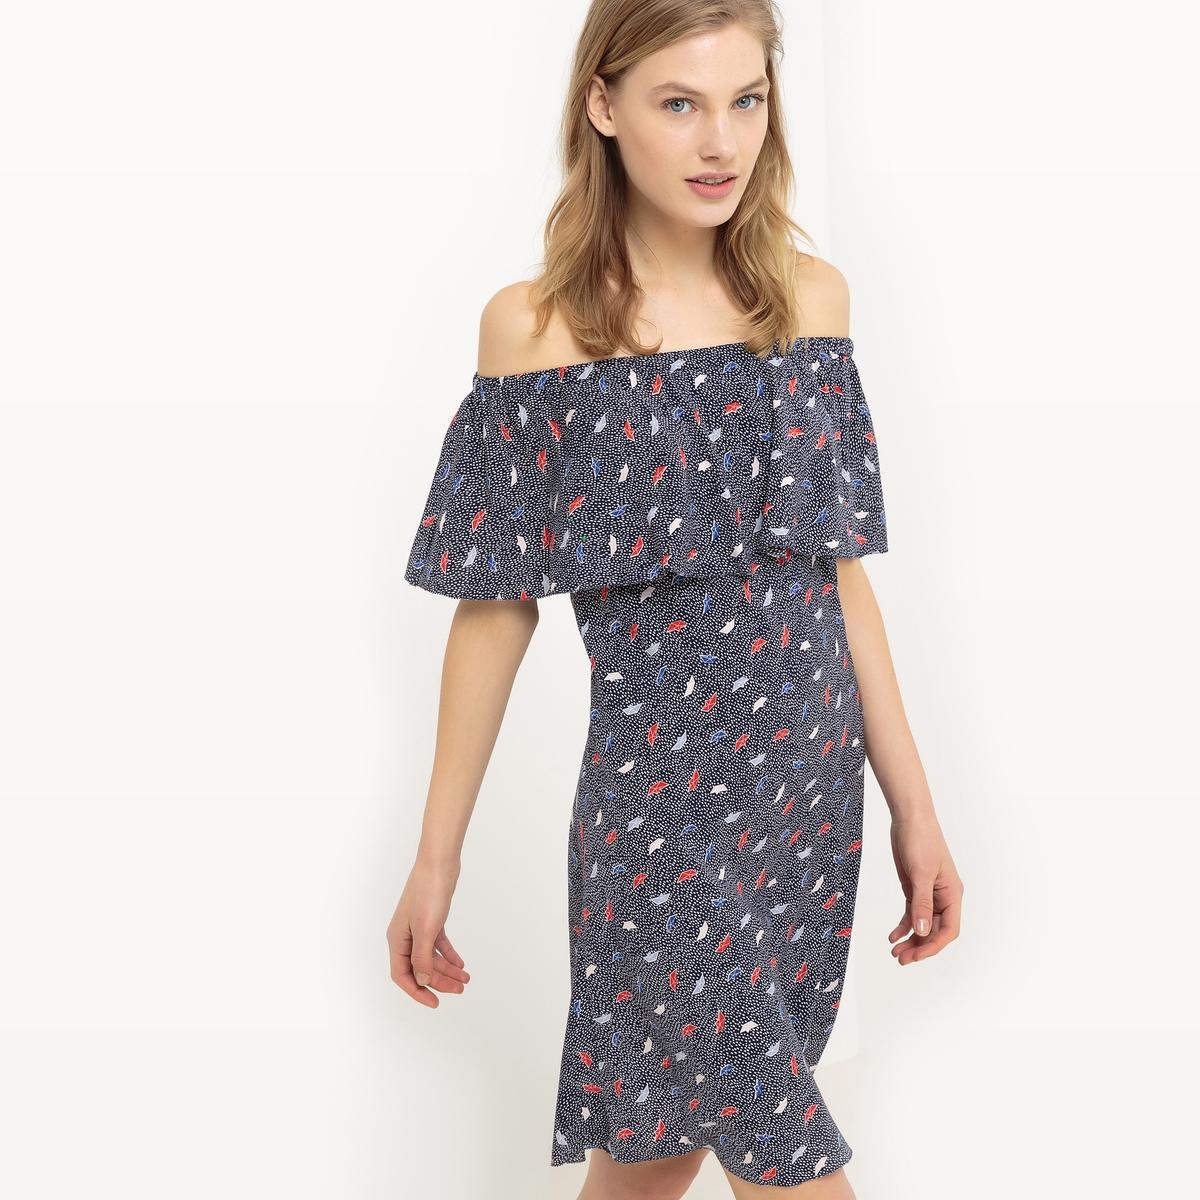 Платье с открытыми плечами и рисунком в стиле оригамиМатериал : 100% вискоза  Длина рукава : без рукавов  Форма воротника : круглый вырез Покрой платья : короткое Рисунок : однотонная модель   Длина платья : короткое<br><br>Цвет: рисунок темно-синий<br>Размер: 36 (FR) - 42 (RUS)